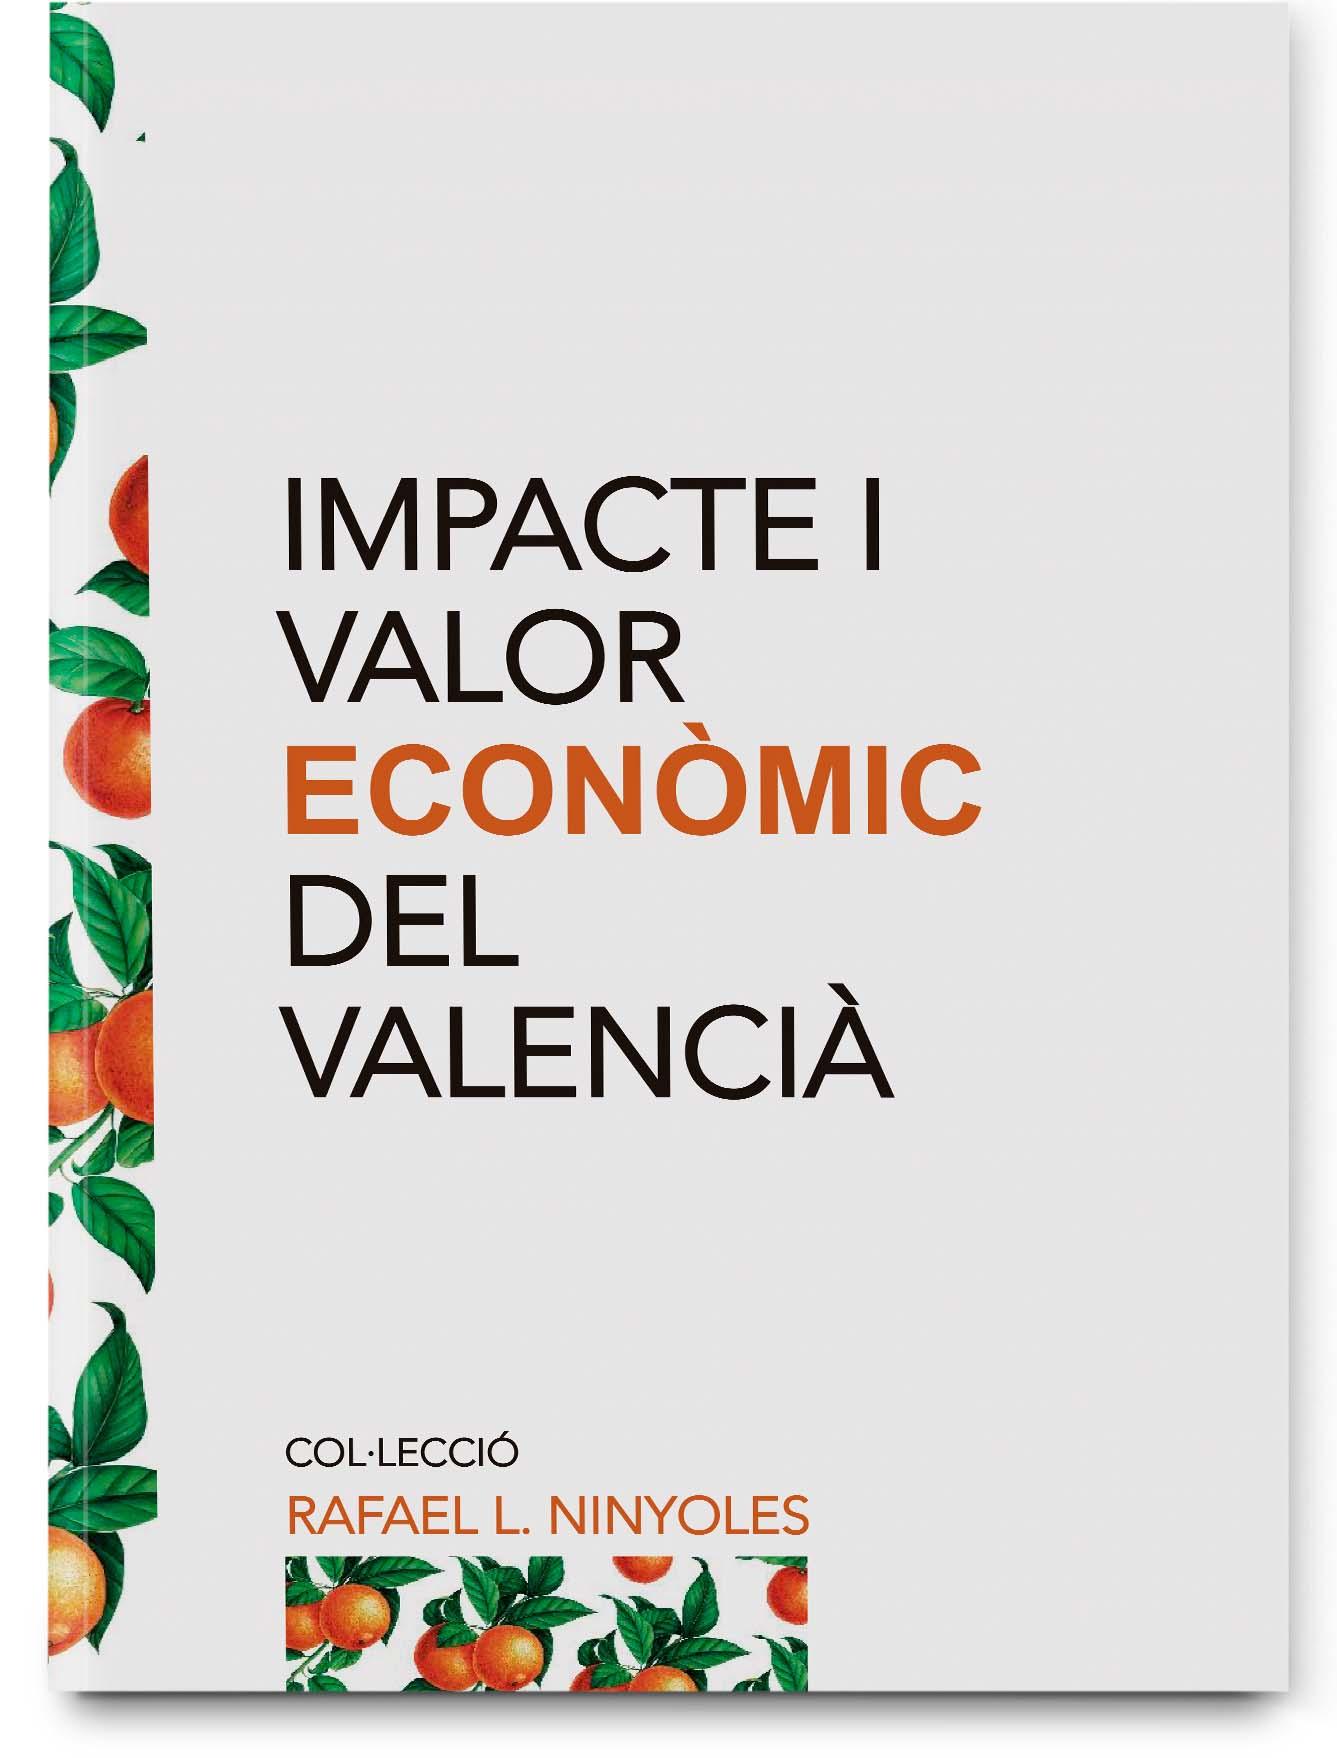 Estimación del impacto económico del valenciano en la Comunitat Valenciana